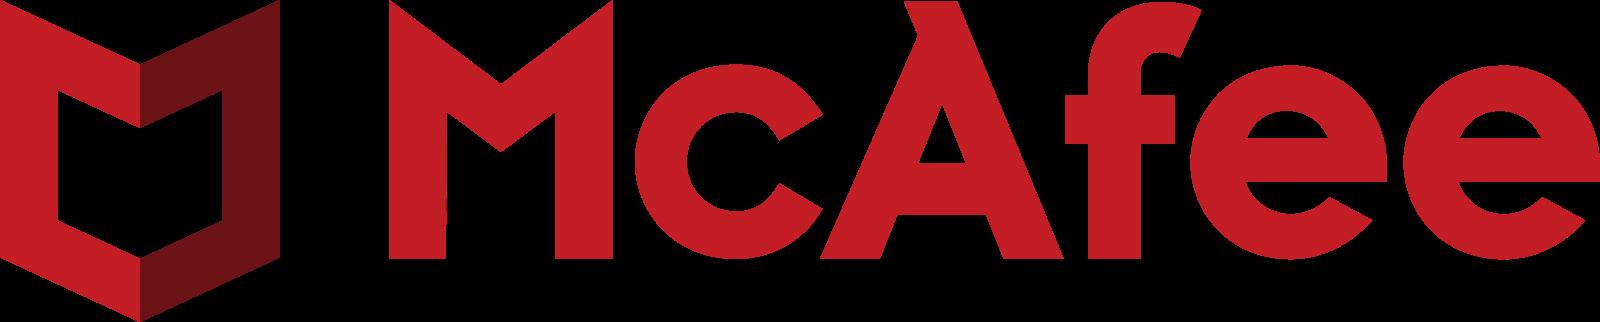 mcafee logo 2 - McAfee Logo